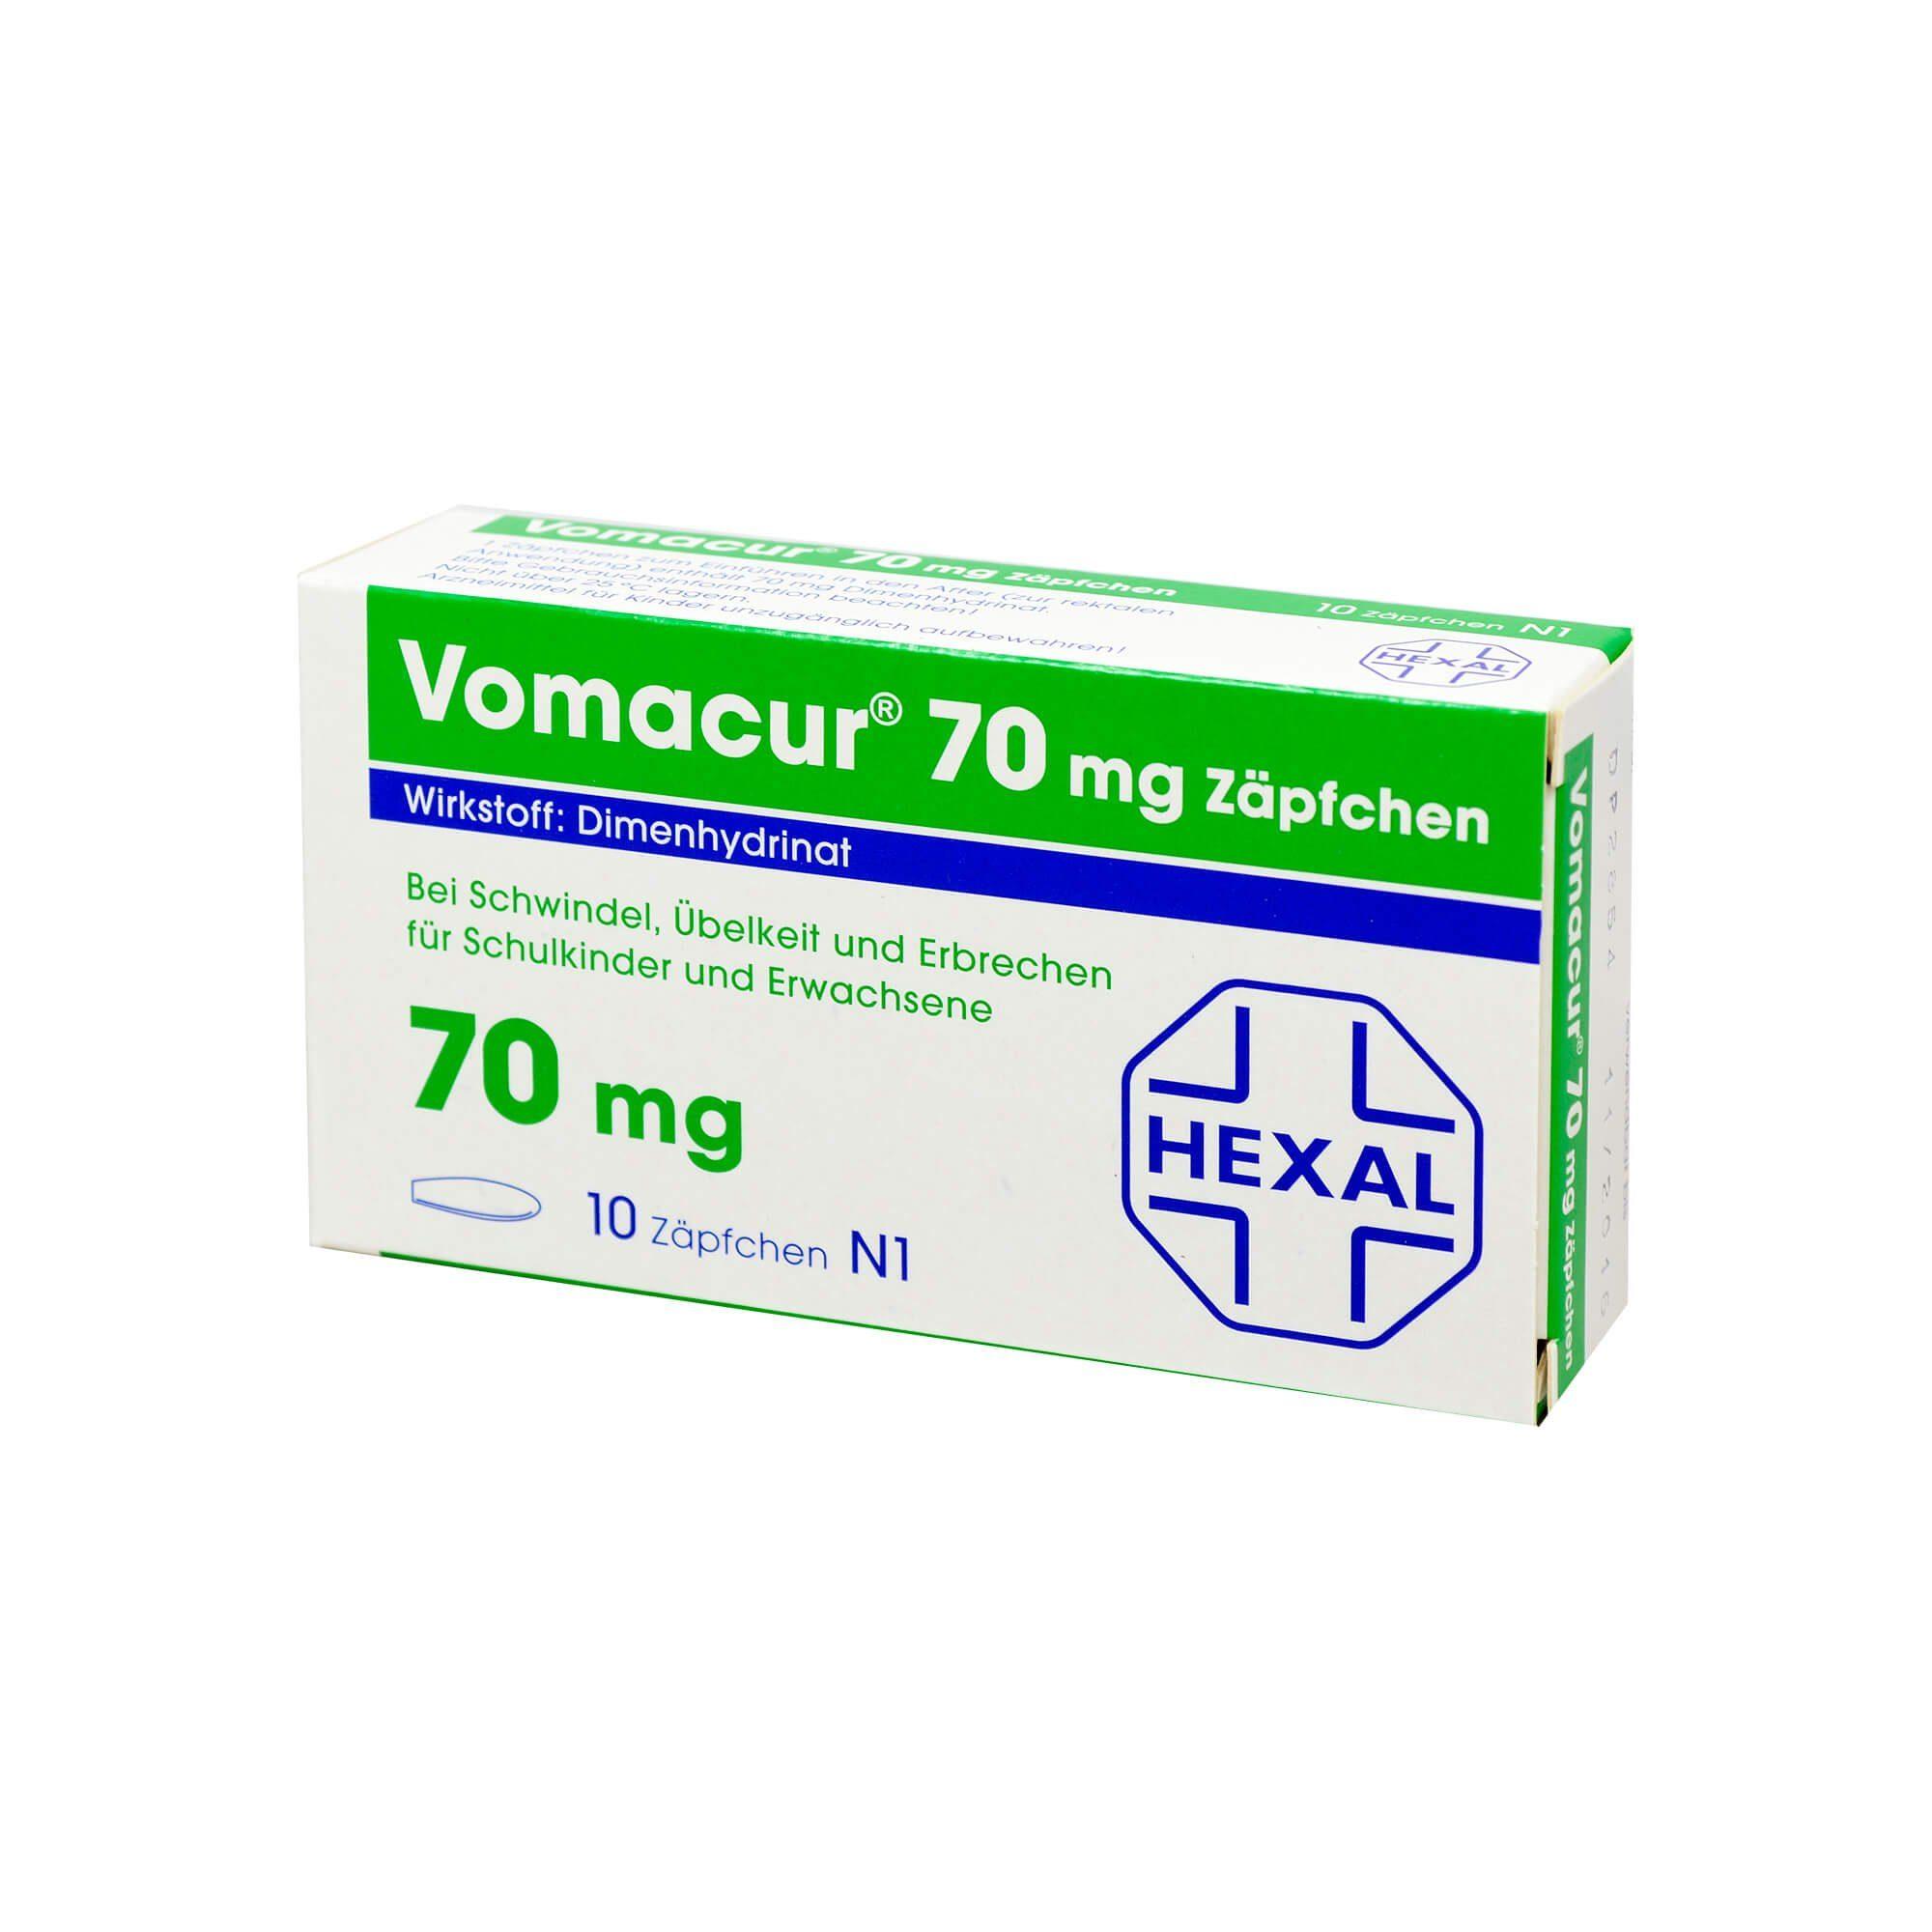 Vomacur 70 Suppositorien, 10 St